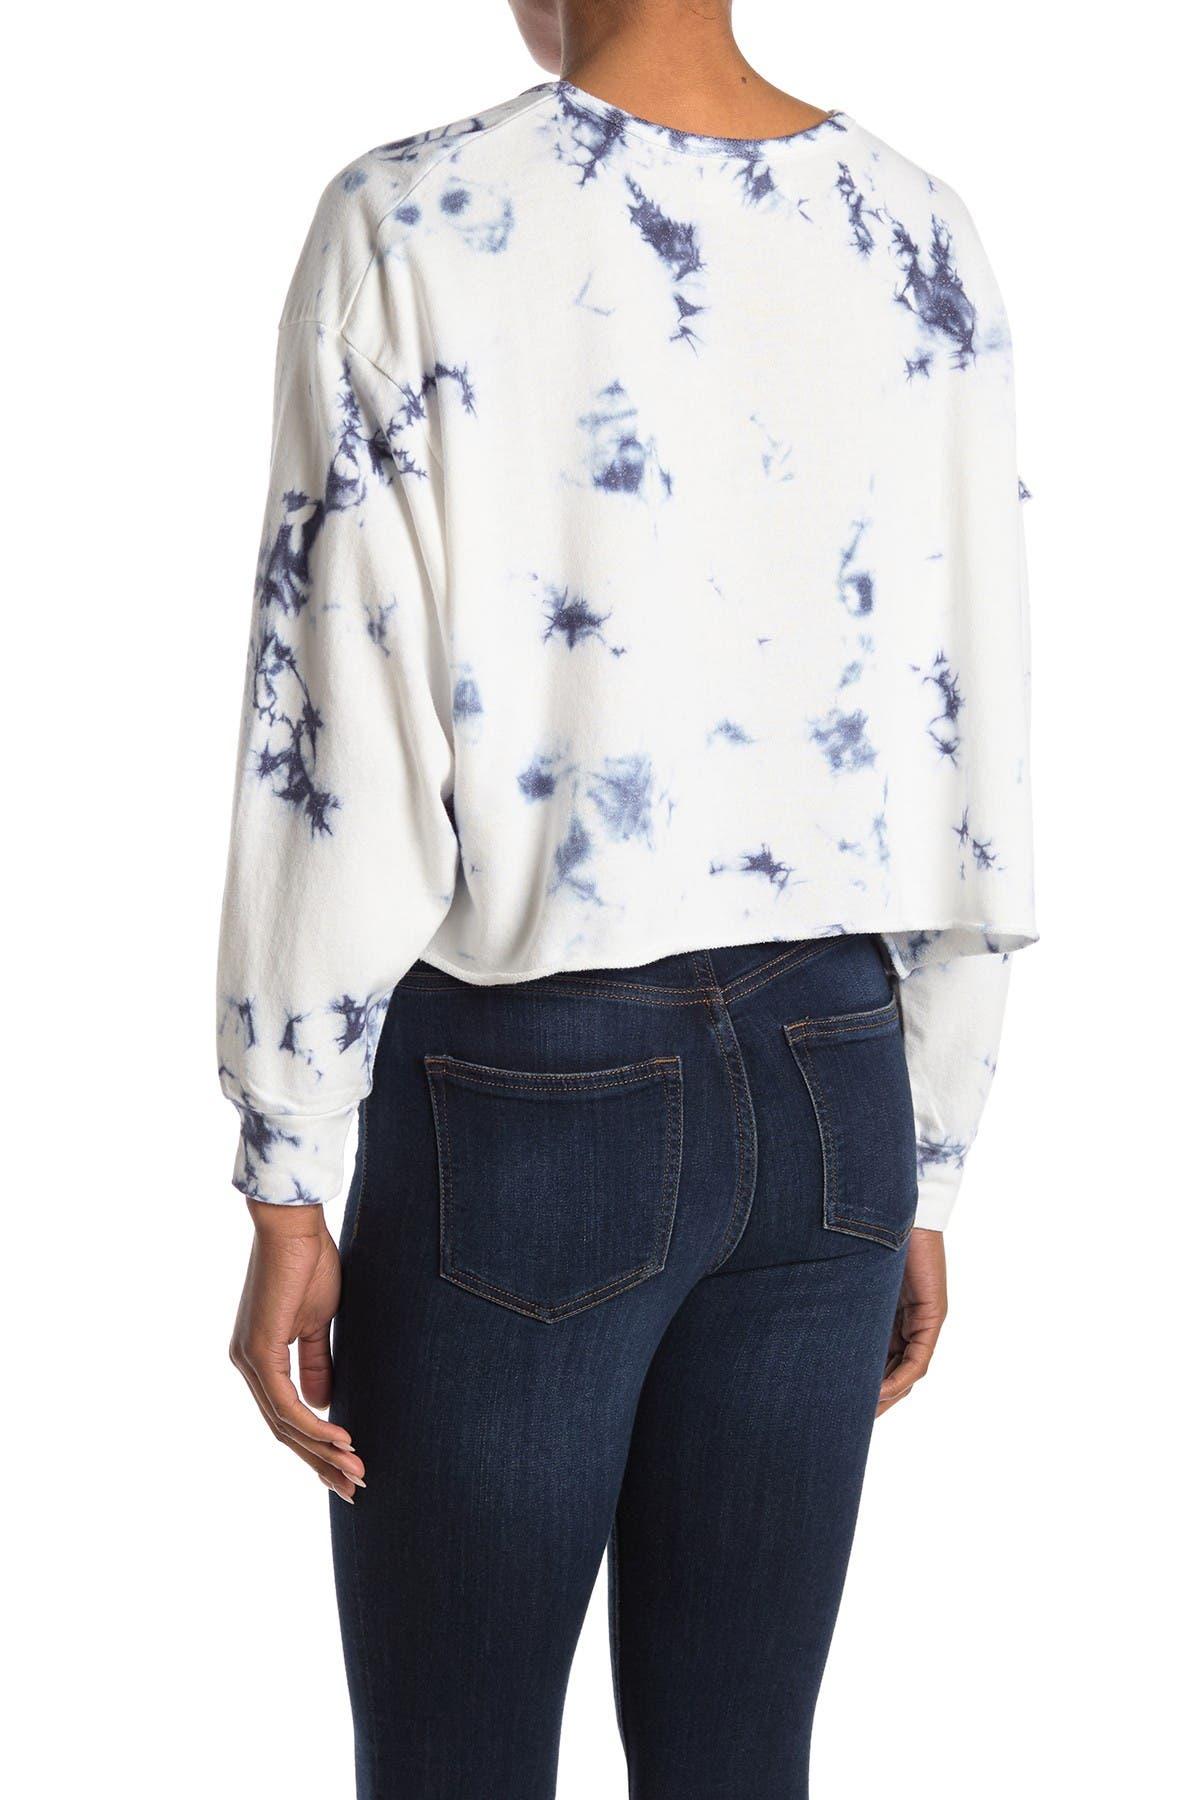 Image of Mustard Seed Tie Dye Print Sleeve Cutout Sweatshirt